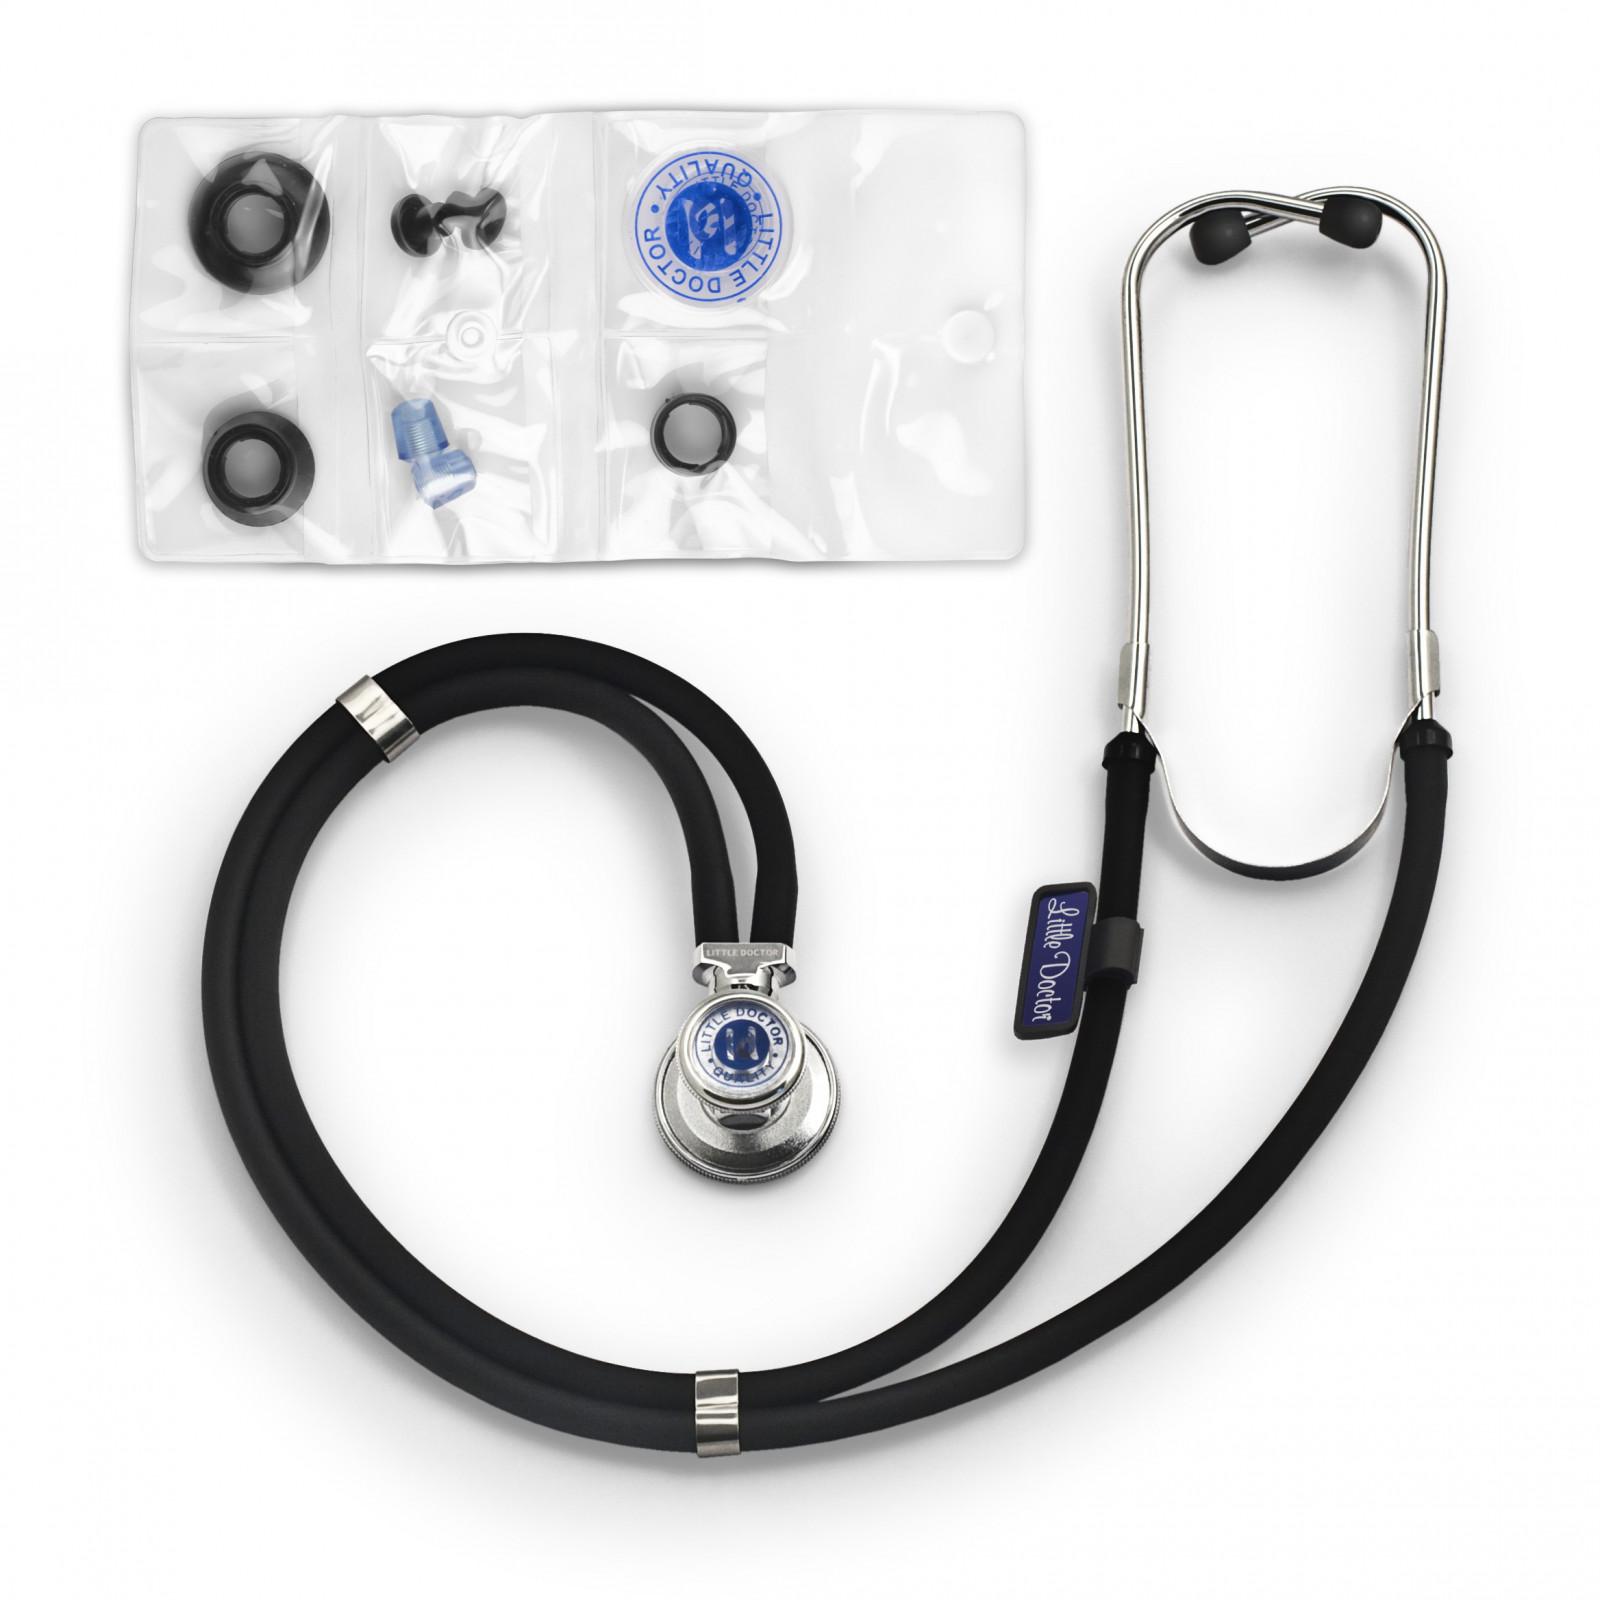 Stetoskop LD Special RAPPAPORT megamix.sk